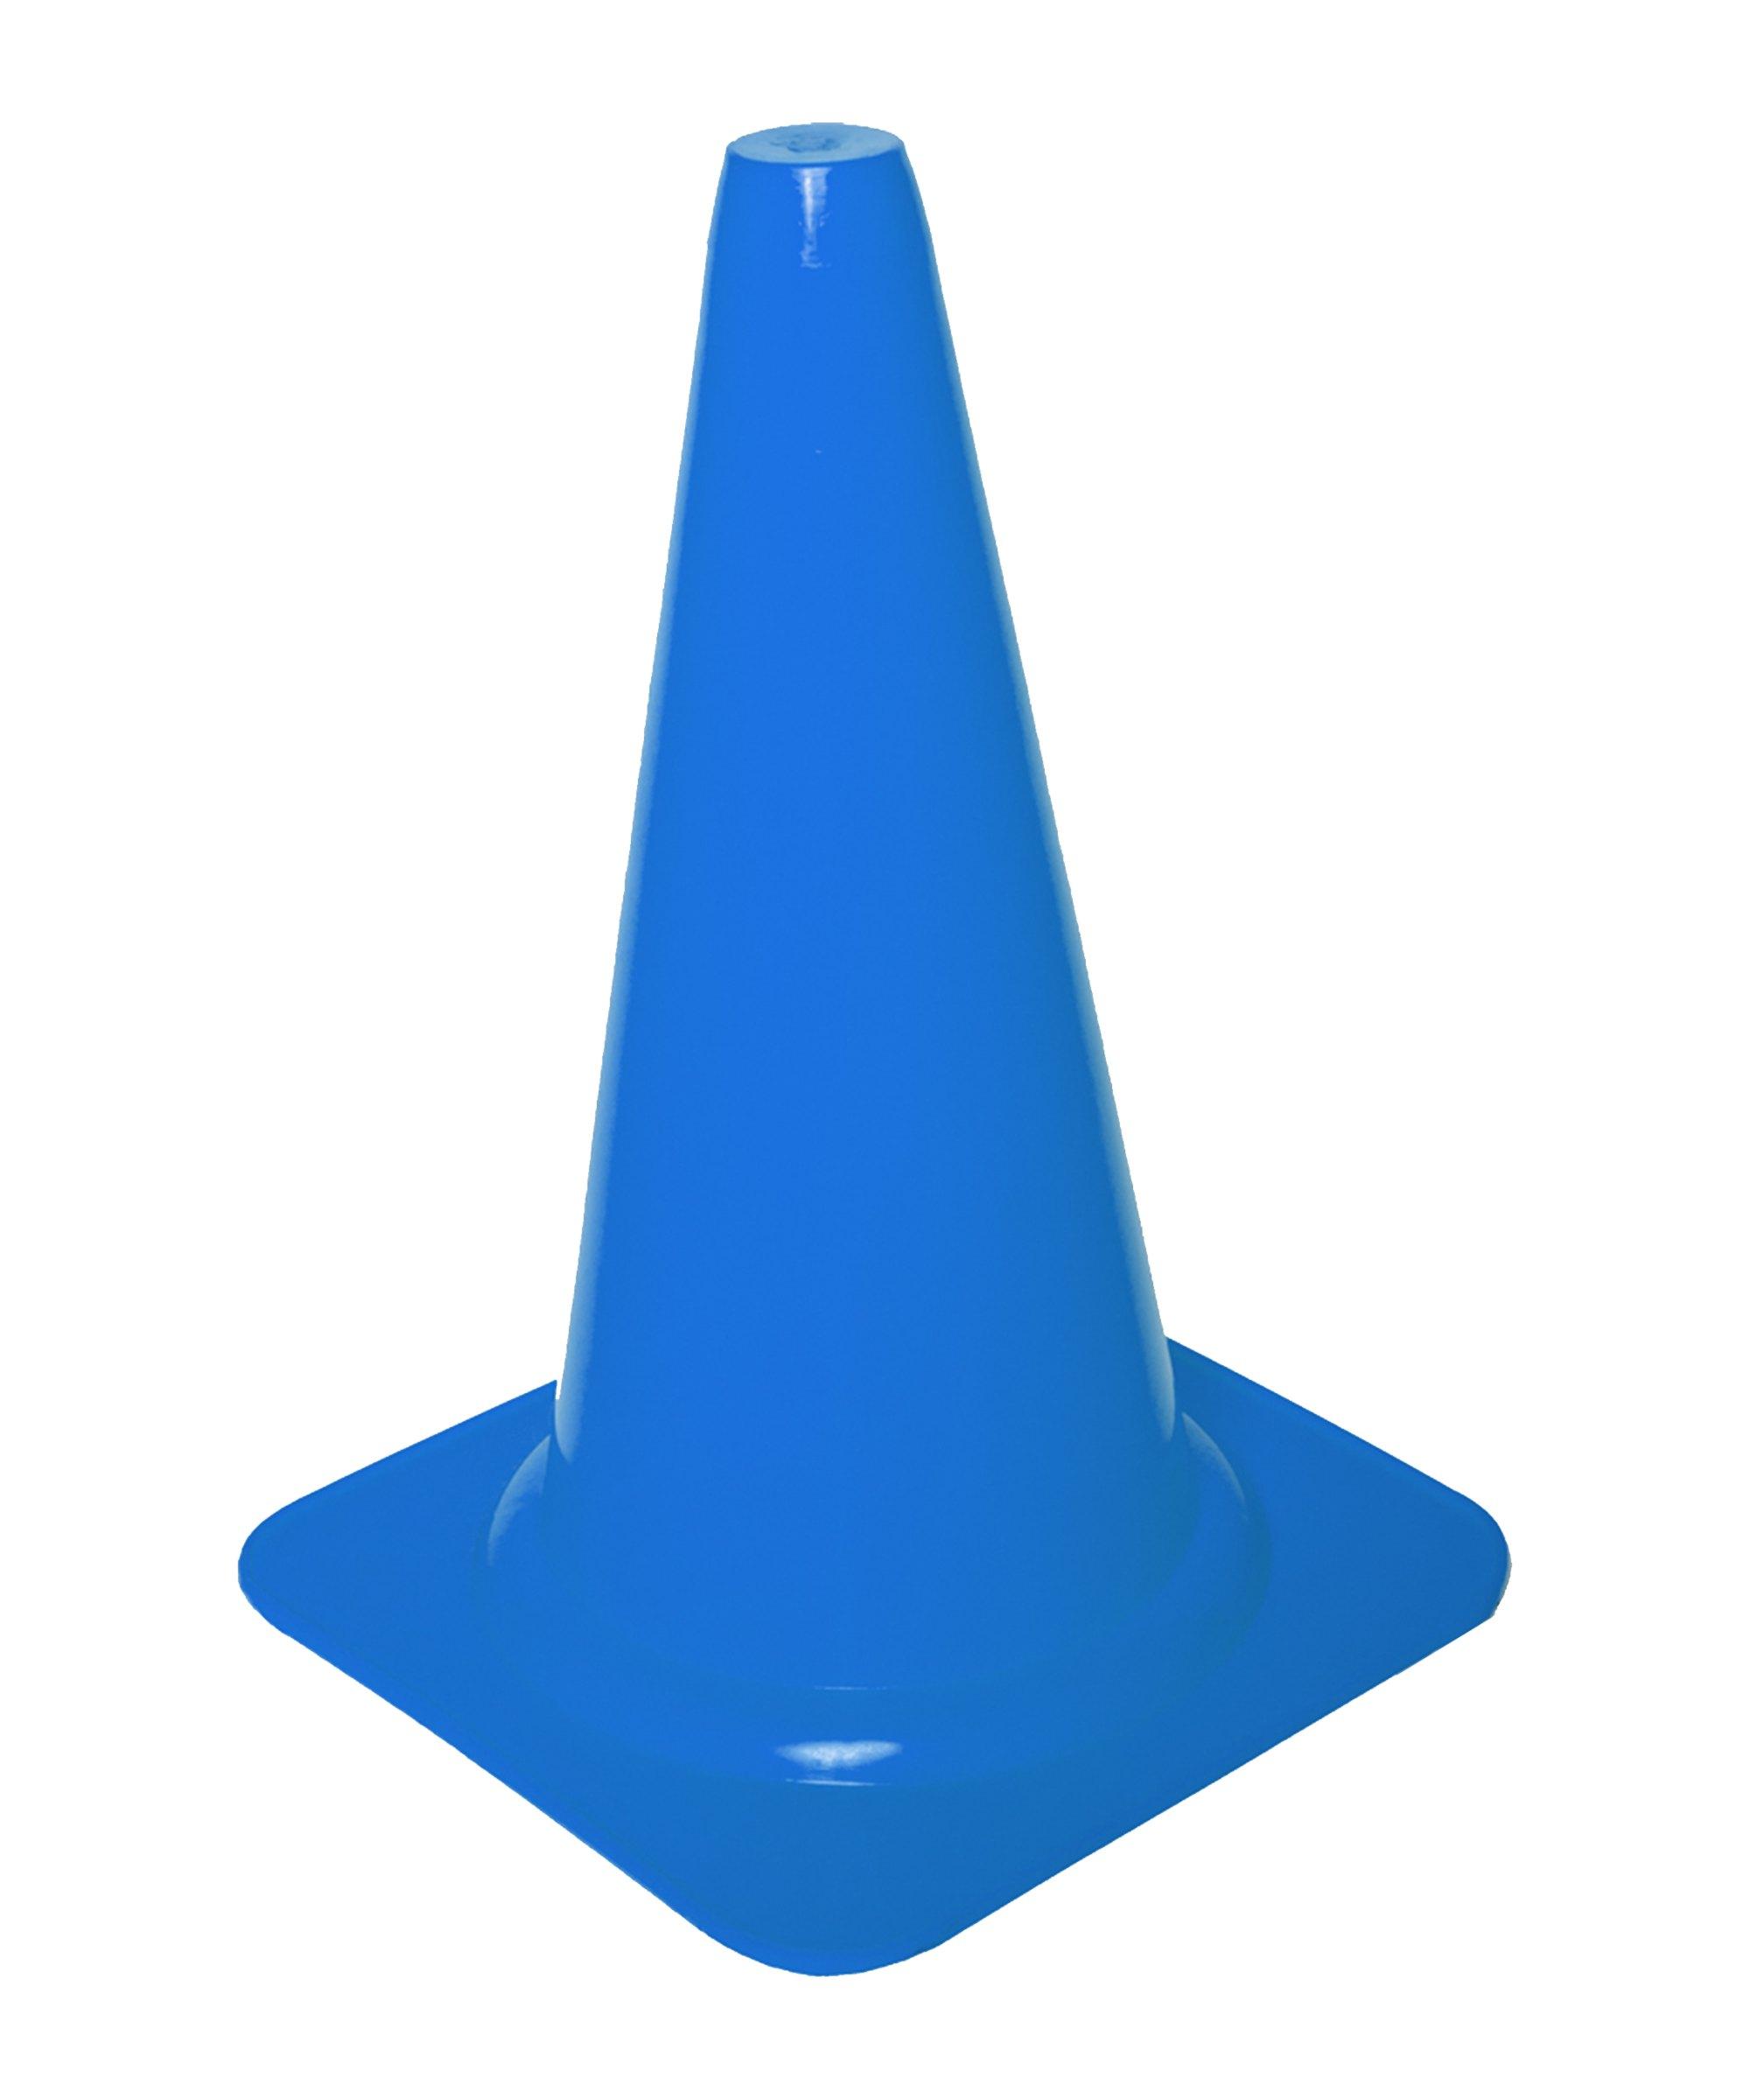 Cawila Markierungskegel L 40cm Blau - blau